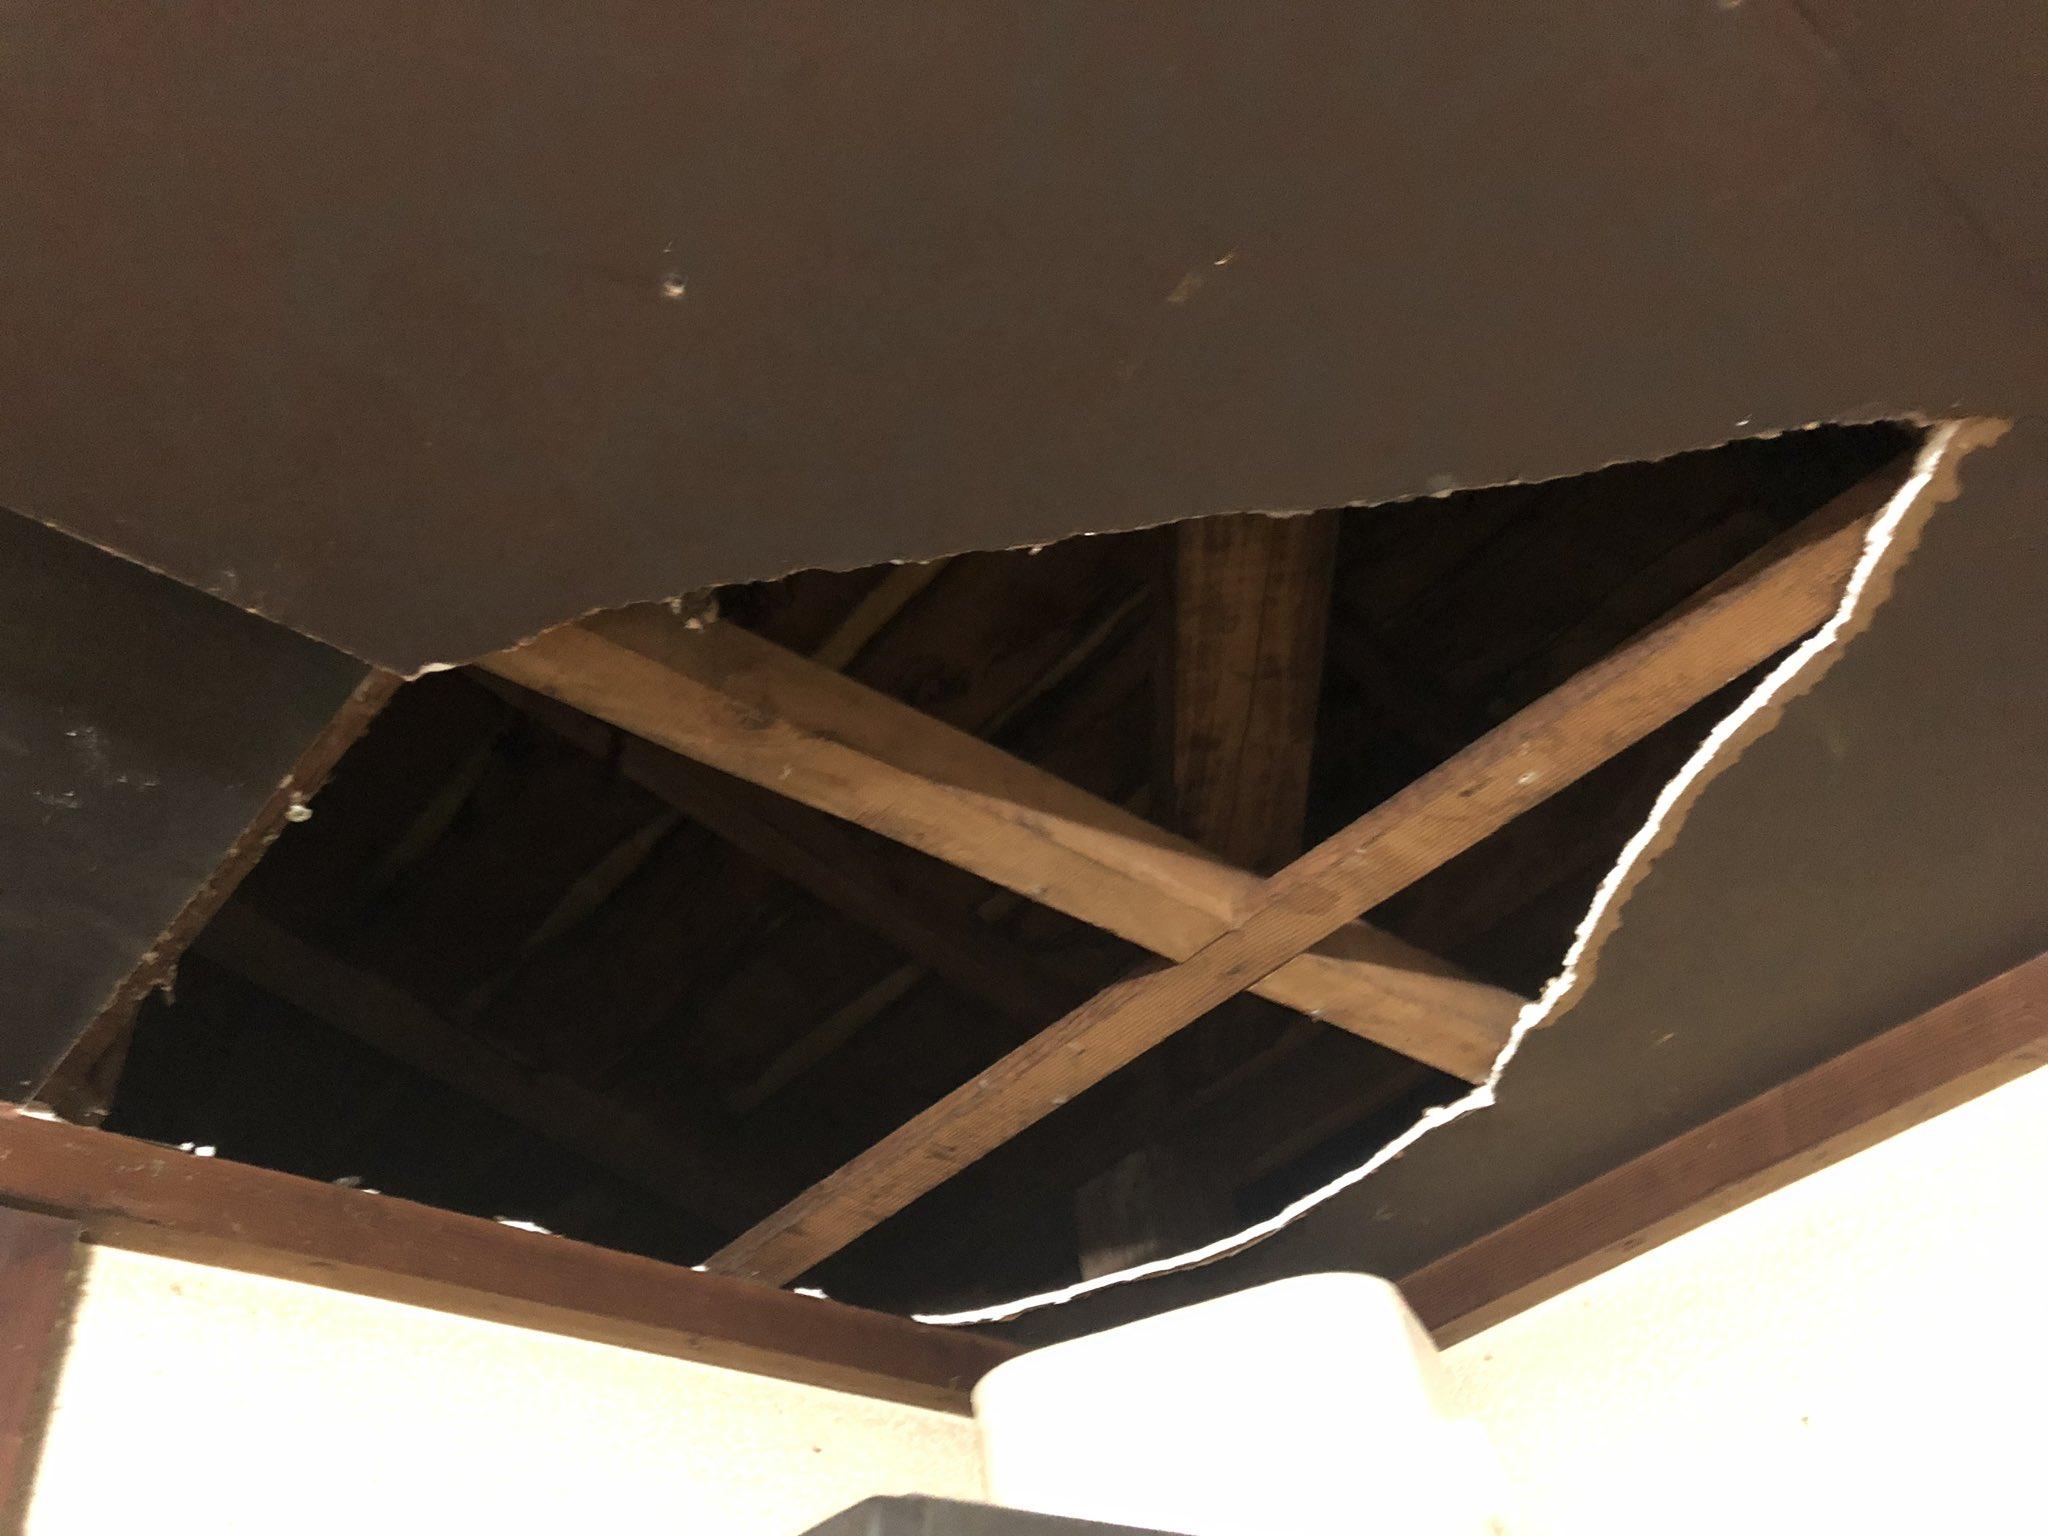 台風の影響か屋根裏にあったと思われる変な物体が天井を突き破って降ってきた